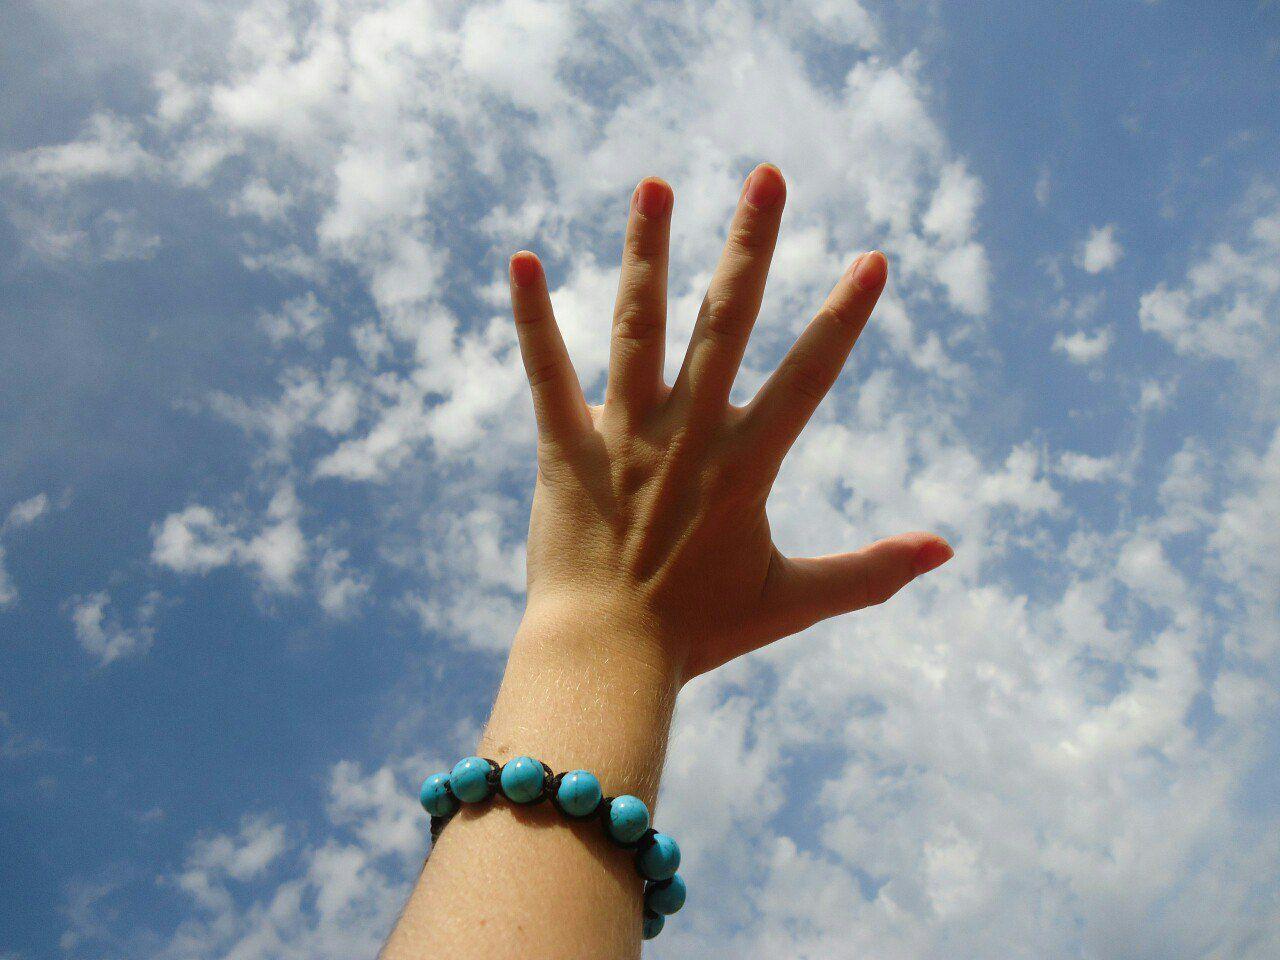 Мирное небо над головоц Донецк до воцны небо⛅️ облака рука Мир прекрасен мир